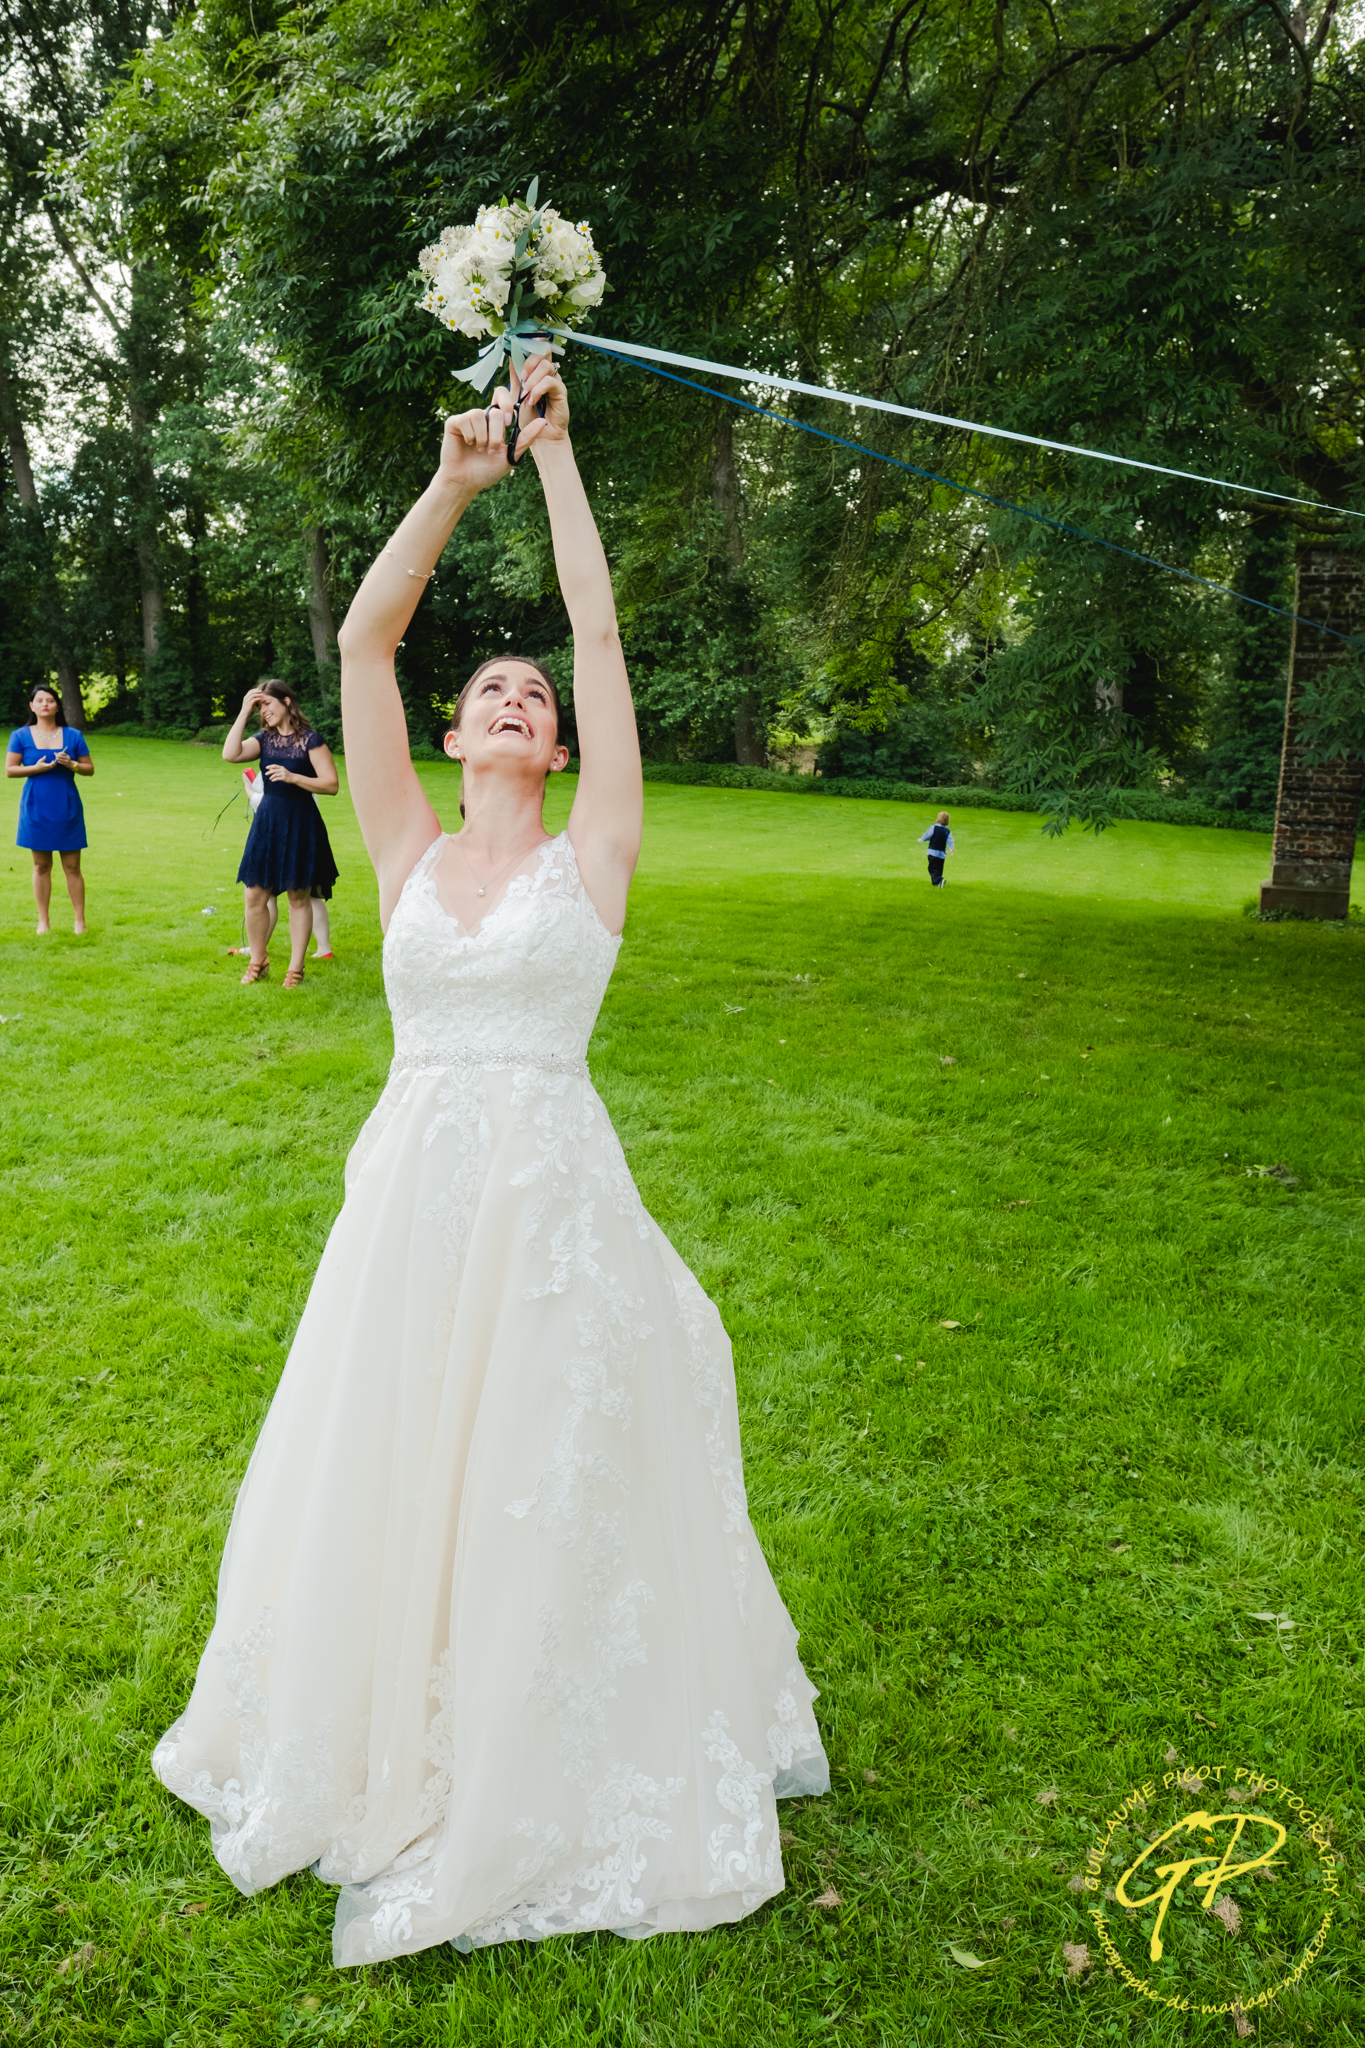 mariage chateau du biez pecq (64 sur 156)